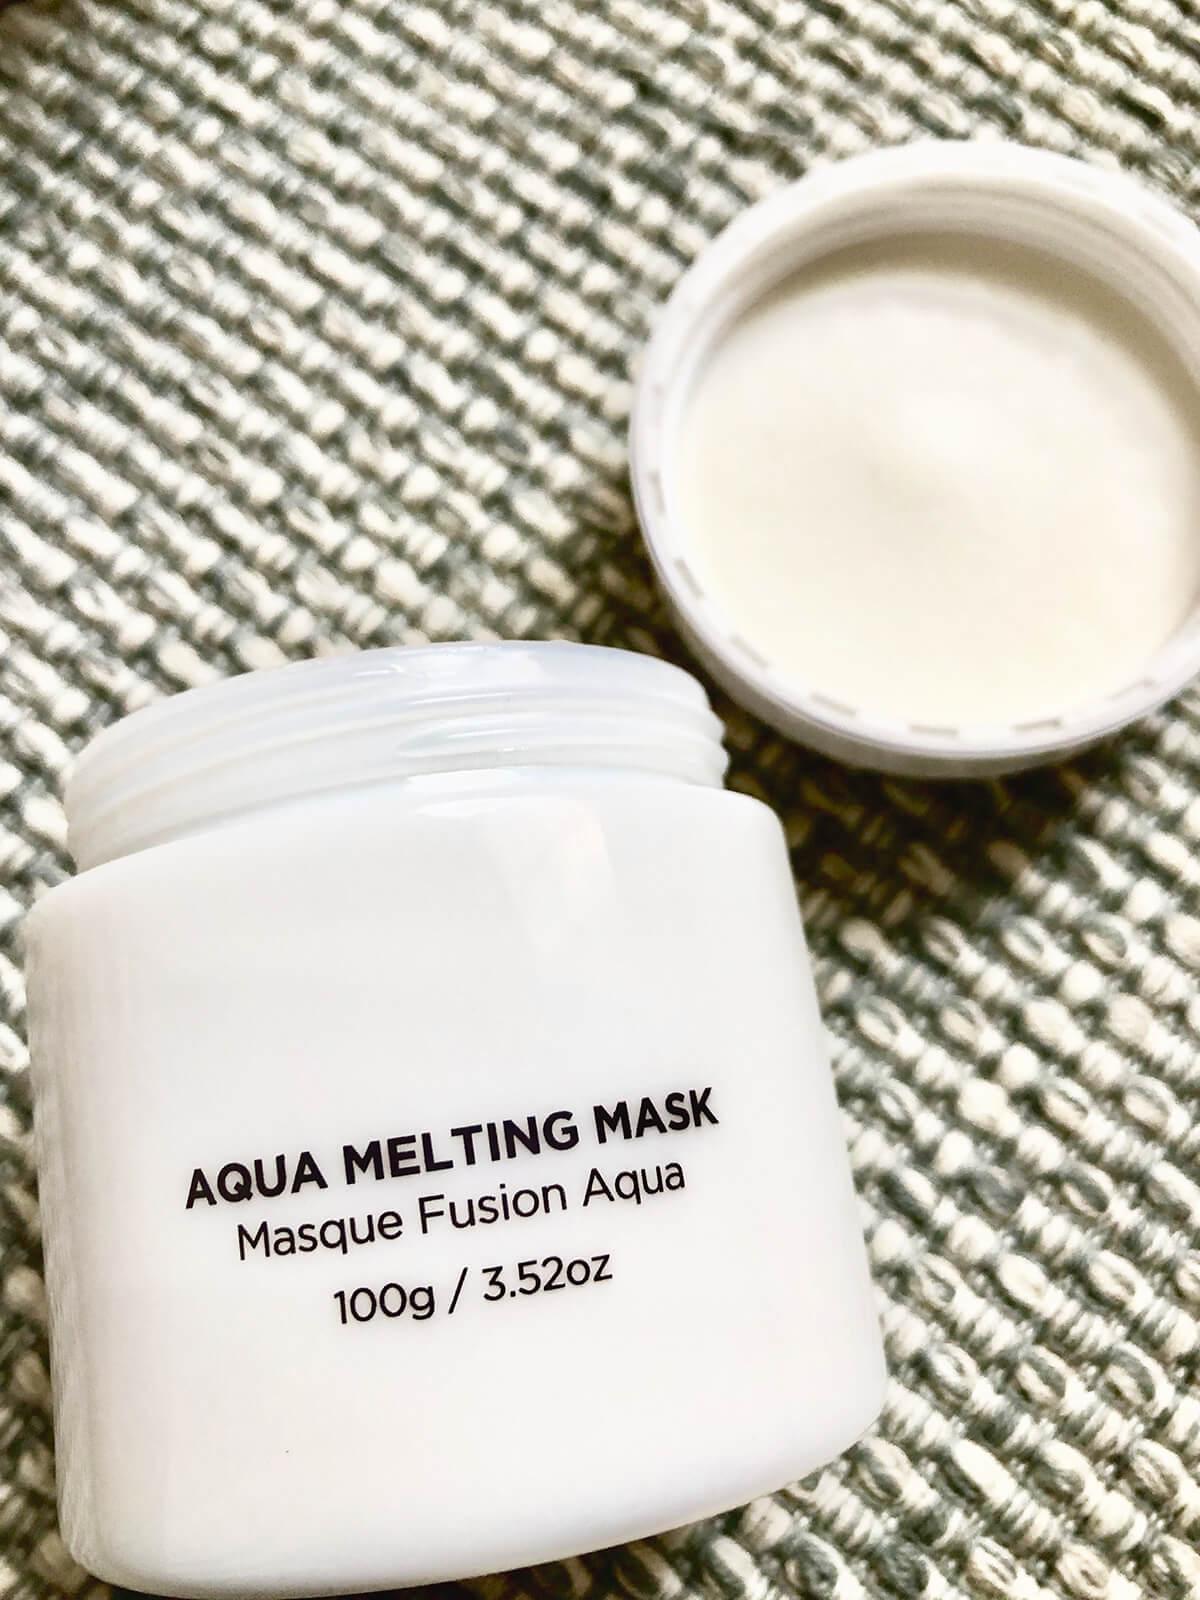 Vou Pre Aqua Melting Mask